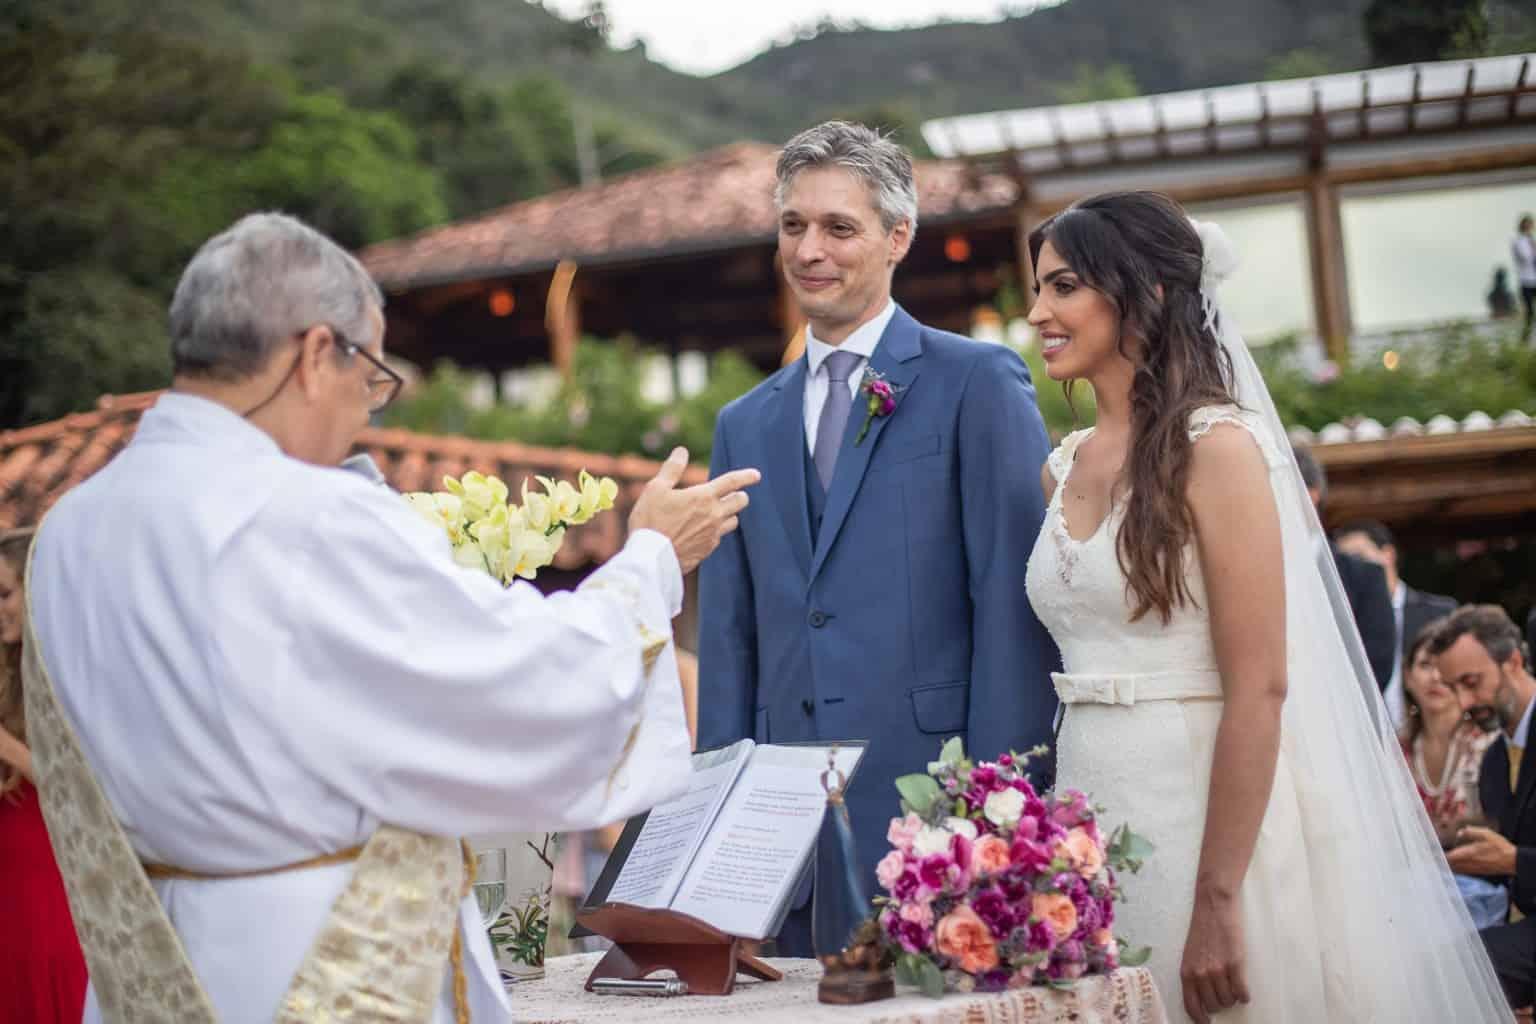 casamento-na-serra-cerimonia-ao-ar-livre-Fotografia-Laura-Campanella-graviola-filmes-Juliana-e-Sebastian-noivos-no-altar-Pousada-La-Belle-Bruna149